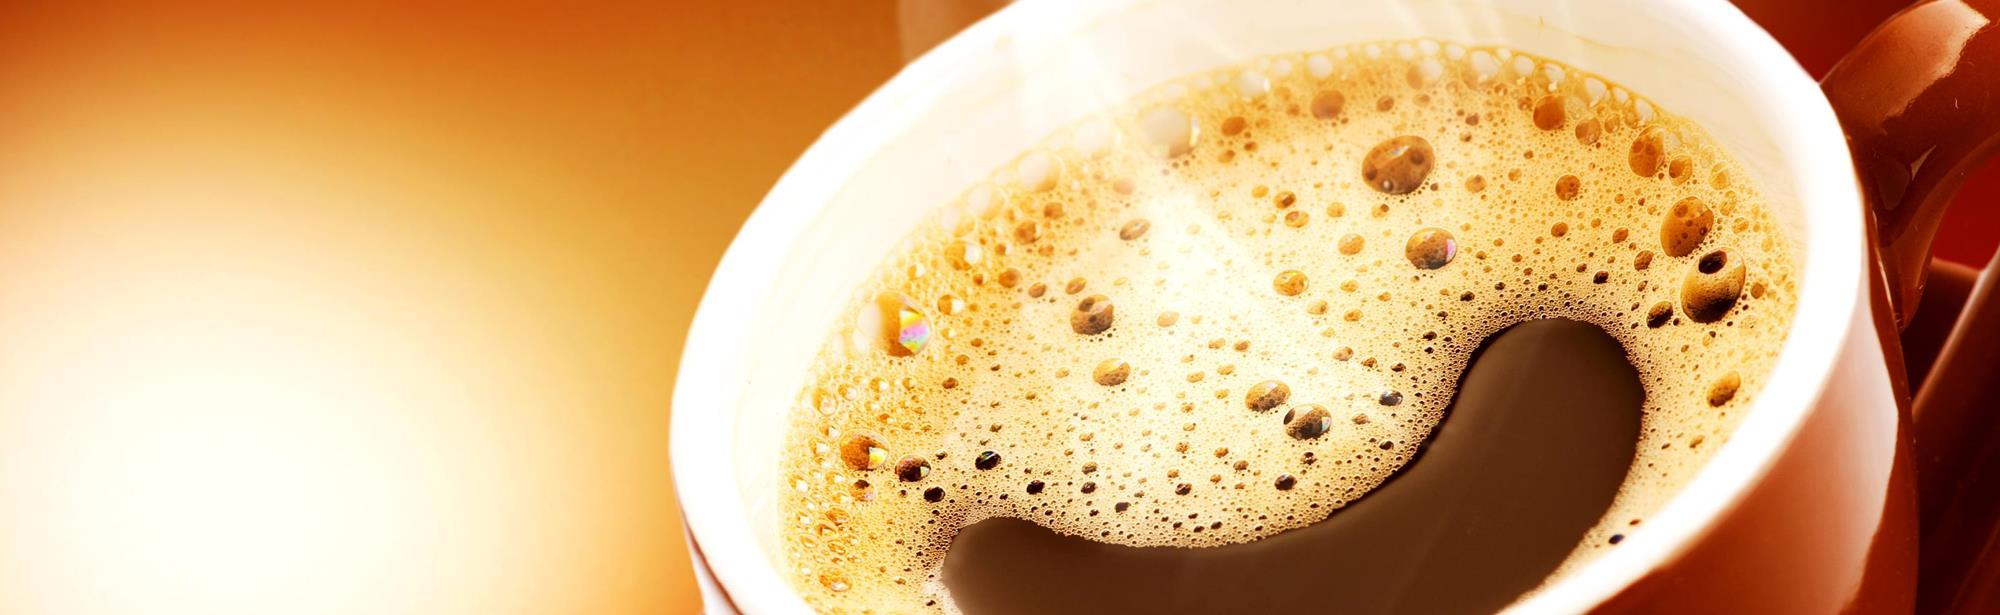 Coffee Mundo Sittard Espresso & Brew Bar